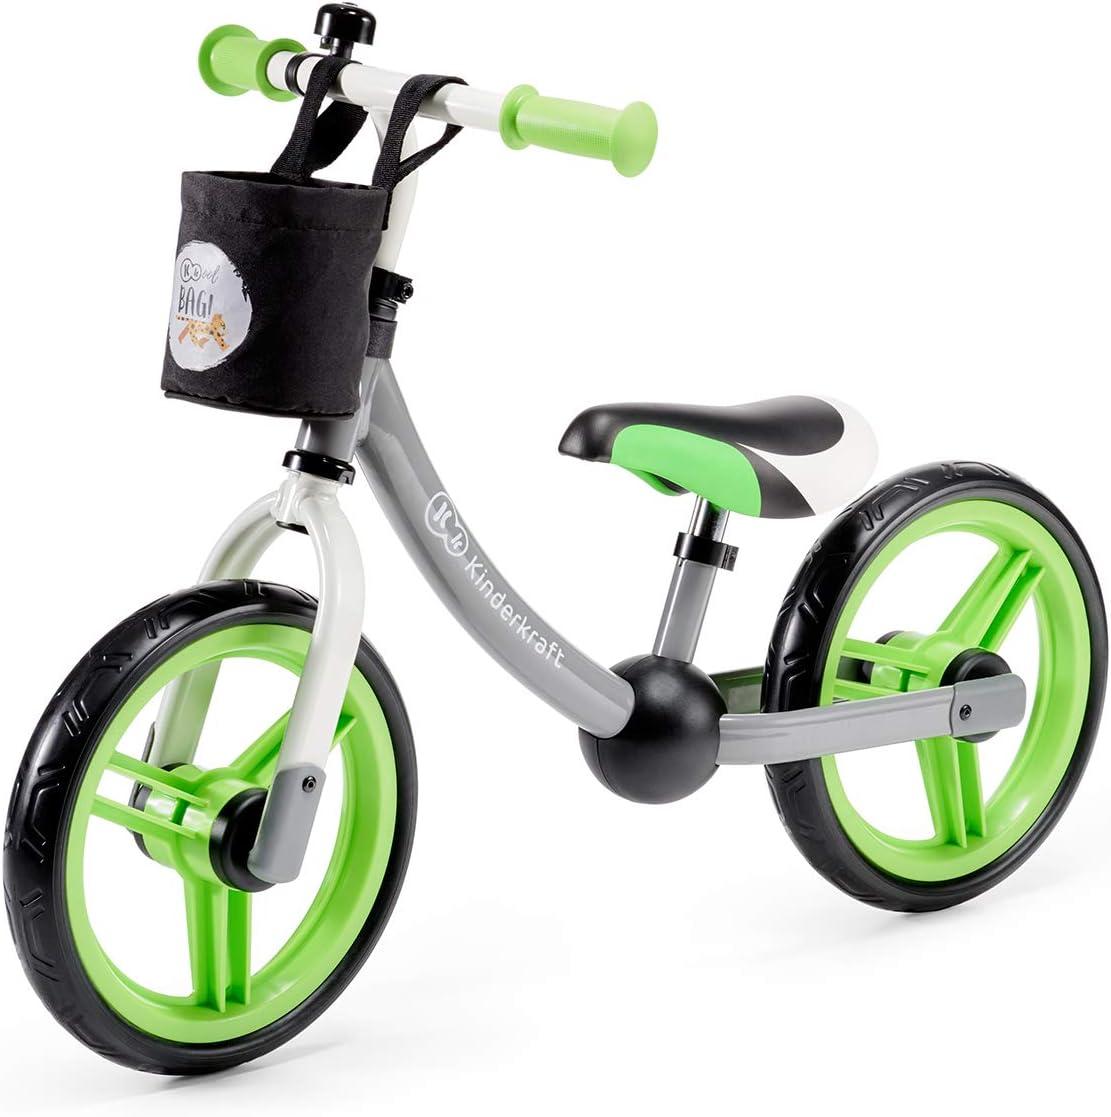 Kinderkraft Bici sin Pedales 2WAY Next, Cuadro Bajo, Sillin Blando, Gris Verde